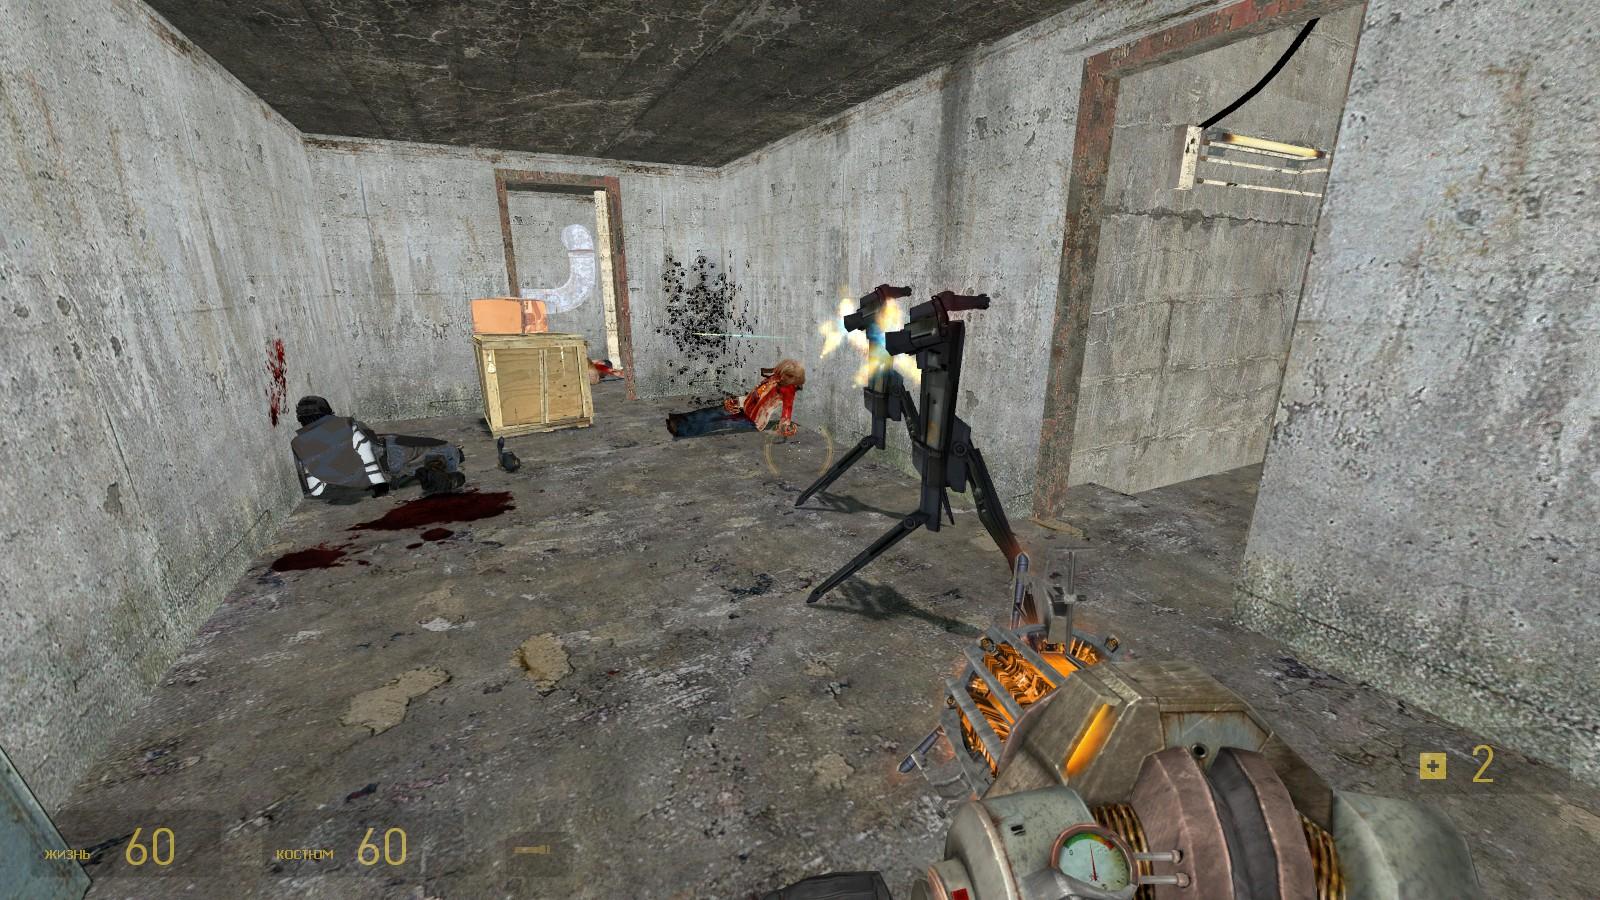 Искусственный интеллект 1.0 от Combine Industries - Half-Life 2 Synergy, бесполезные пулеметы, искусственный идиот